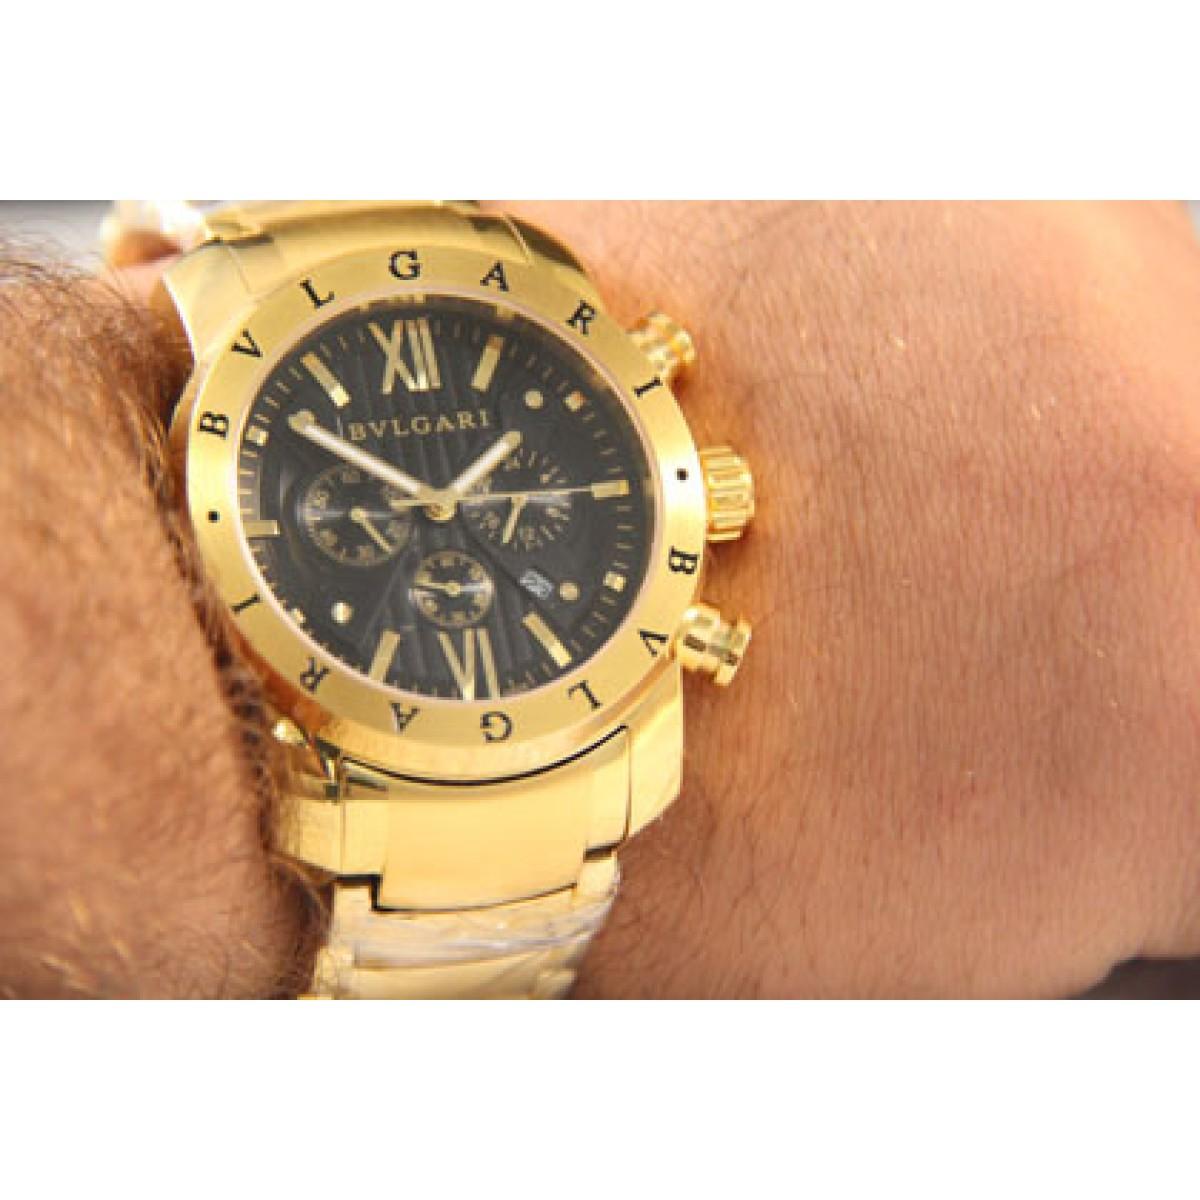 d79ae07e2b5 ... Réplica Relógio Bulgari Homem De Ferro Dourado Preto